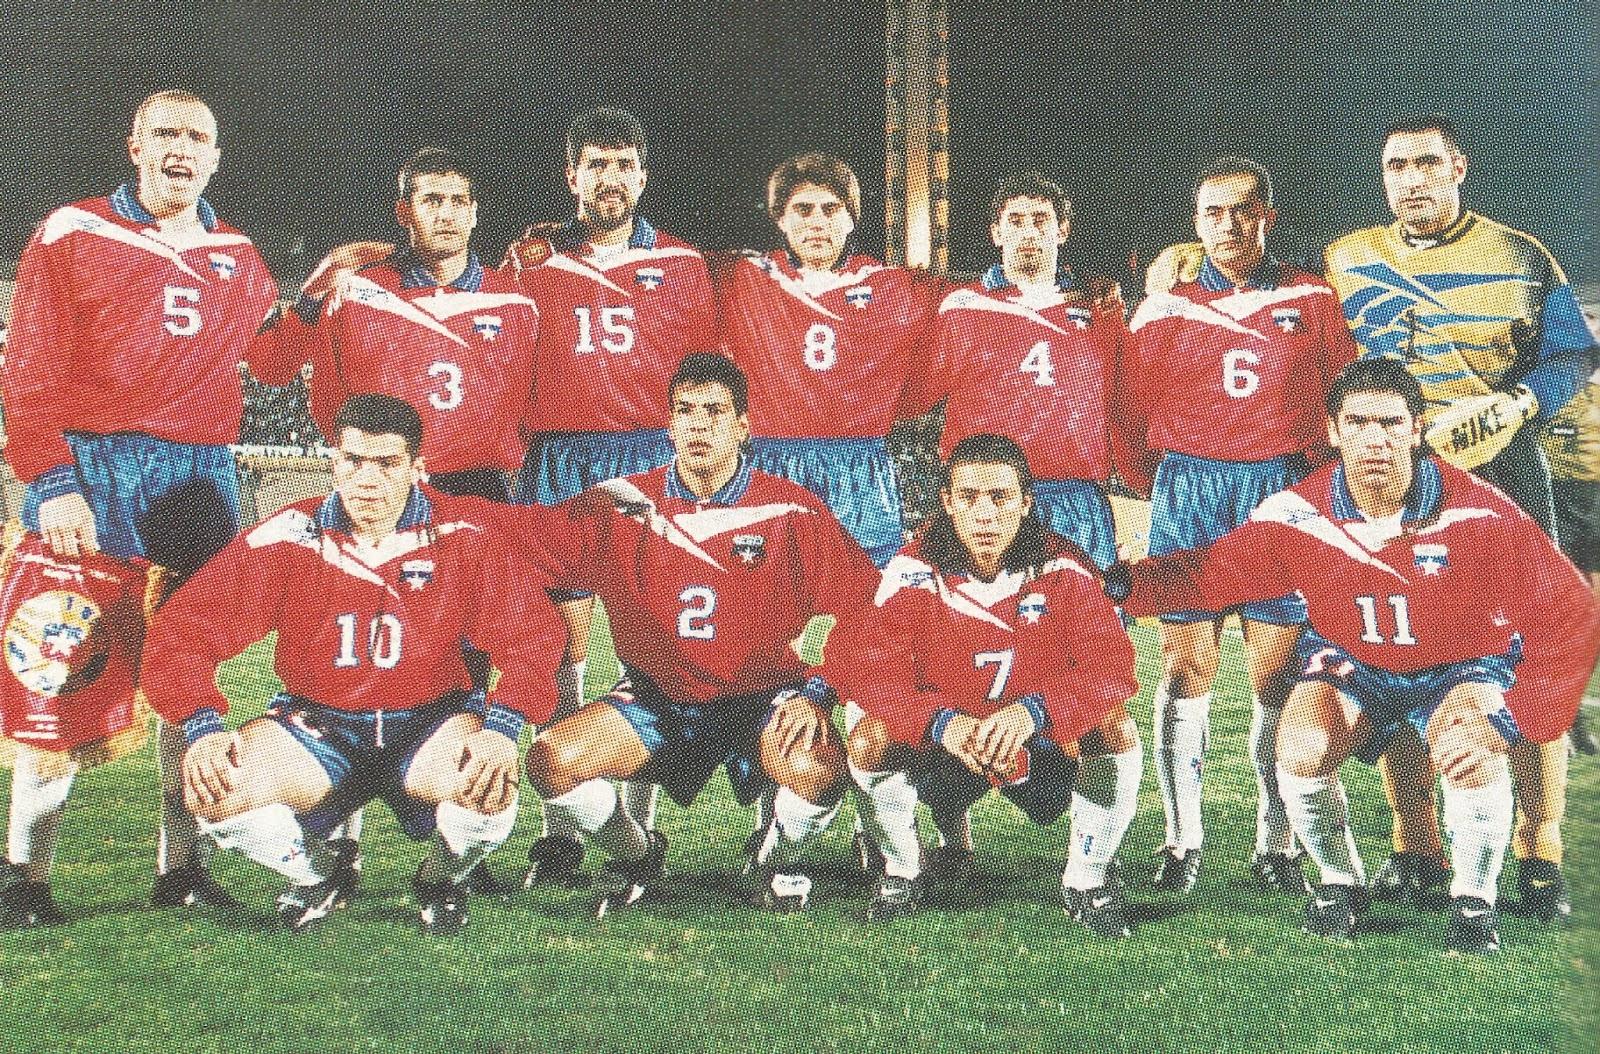 Formación de Chile ante Uruguay, Clasificatorias Francia 1998, 20 de agosto de 1997